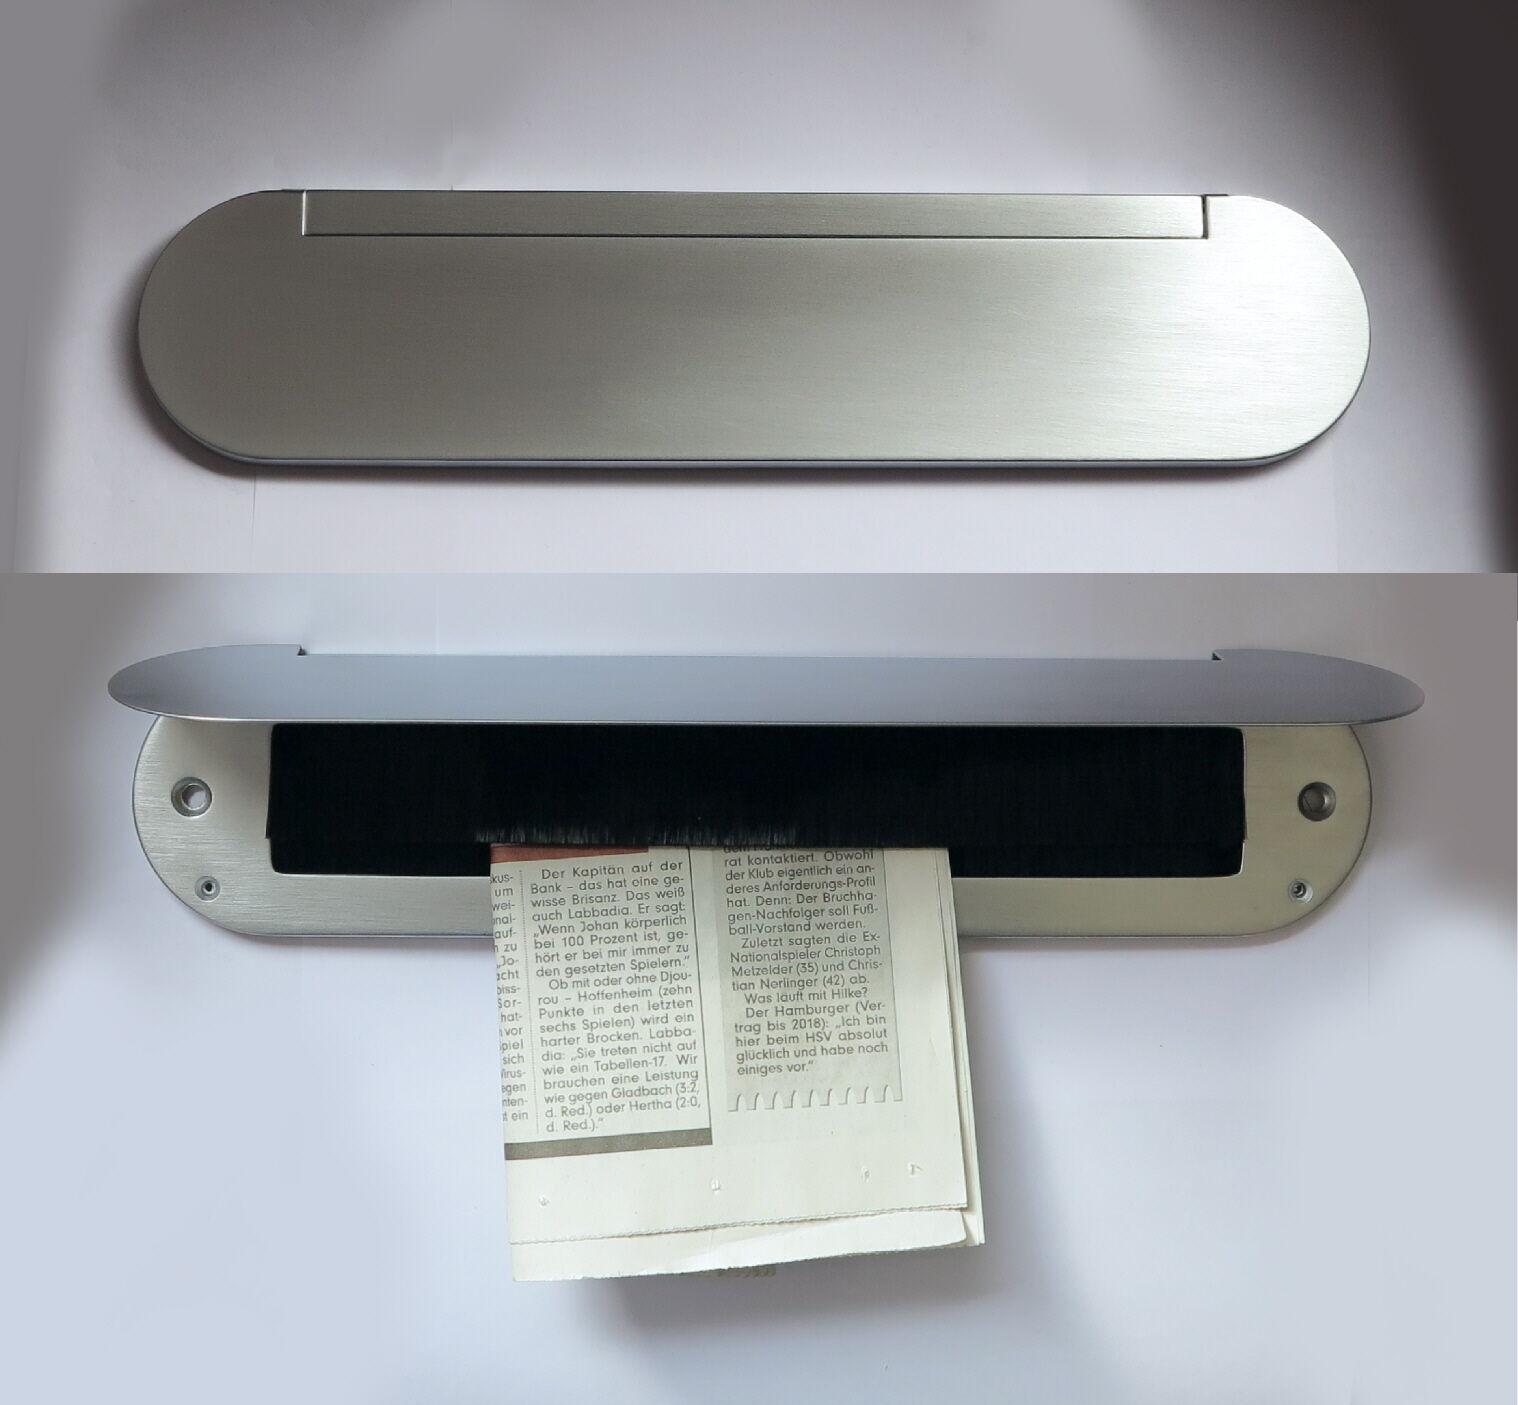 Innenklappe-brüniert-345x80 mm-Mit Bürste-Briefeinwurf-Briefklappe-Briefschlitz | Flagship-Store  | Rich-pünktliche Lieferung  | Neuheit  Neuheit  Neuheit  d9aab6